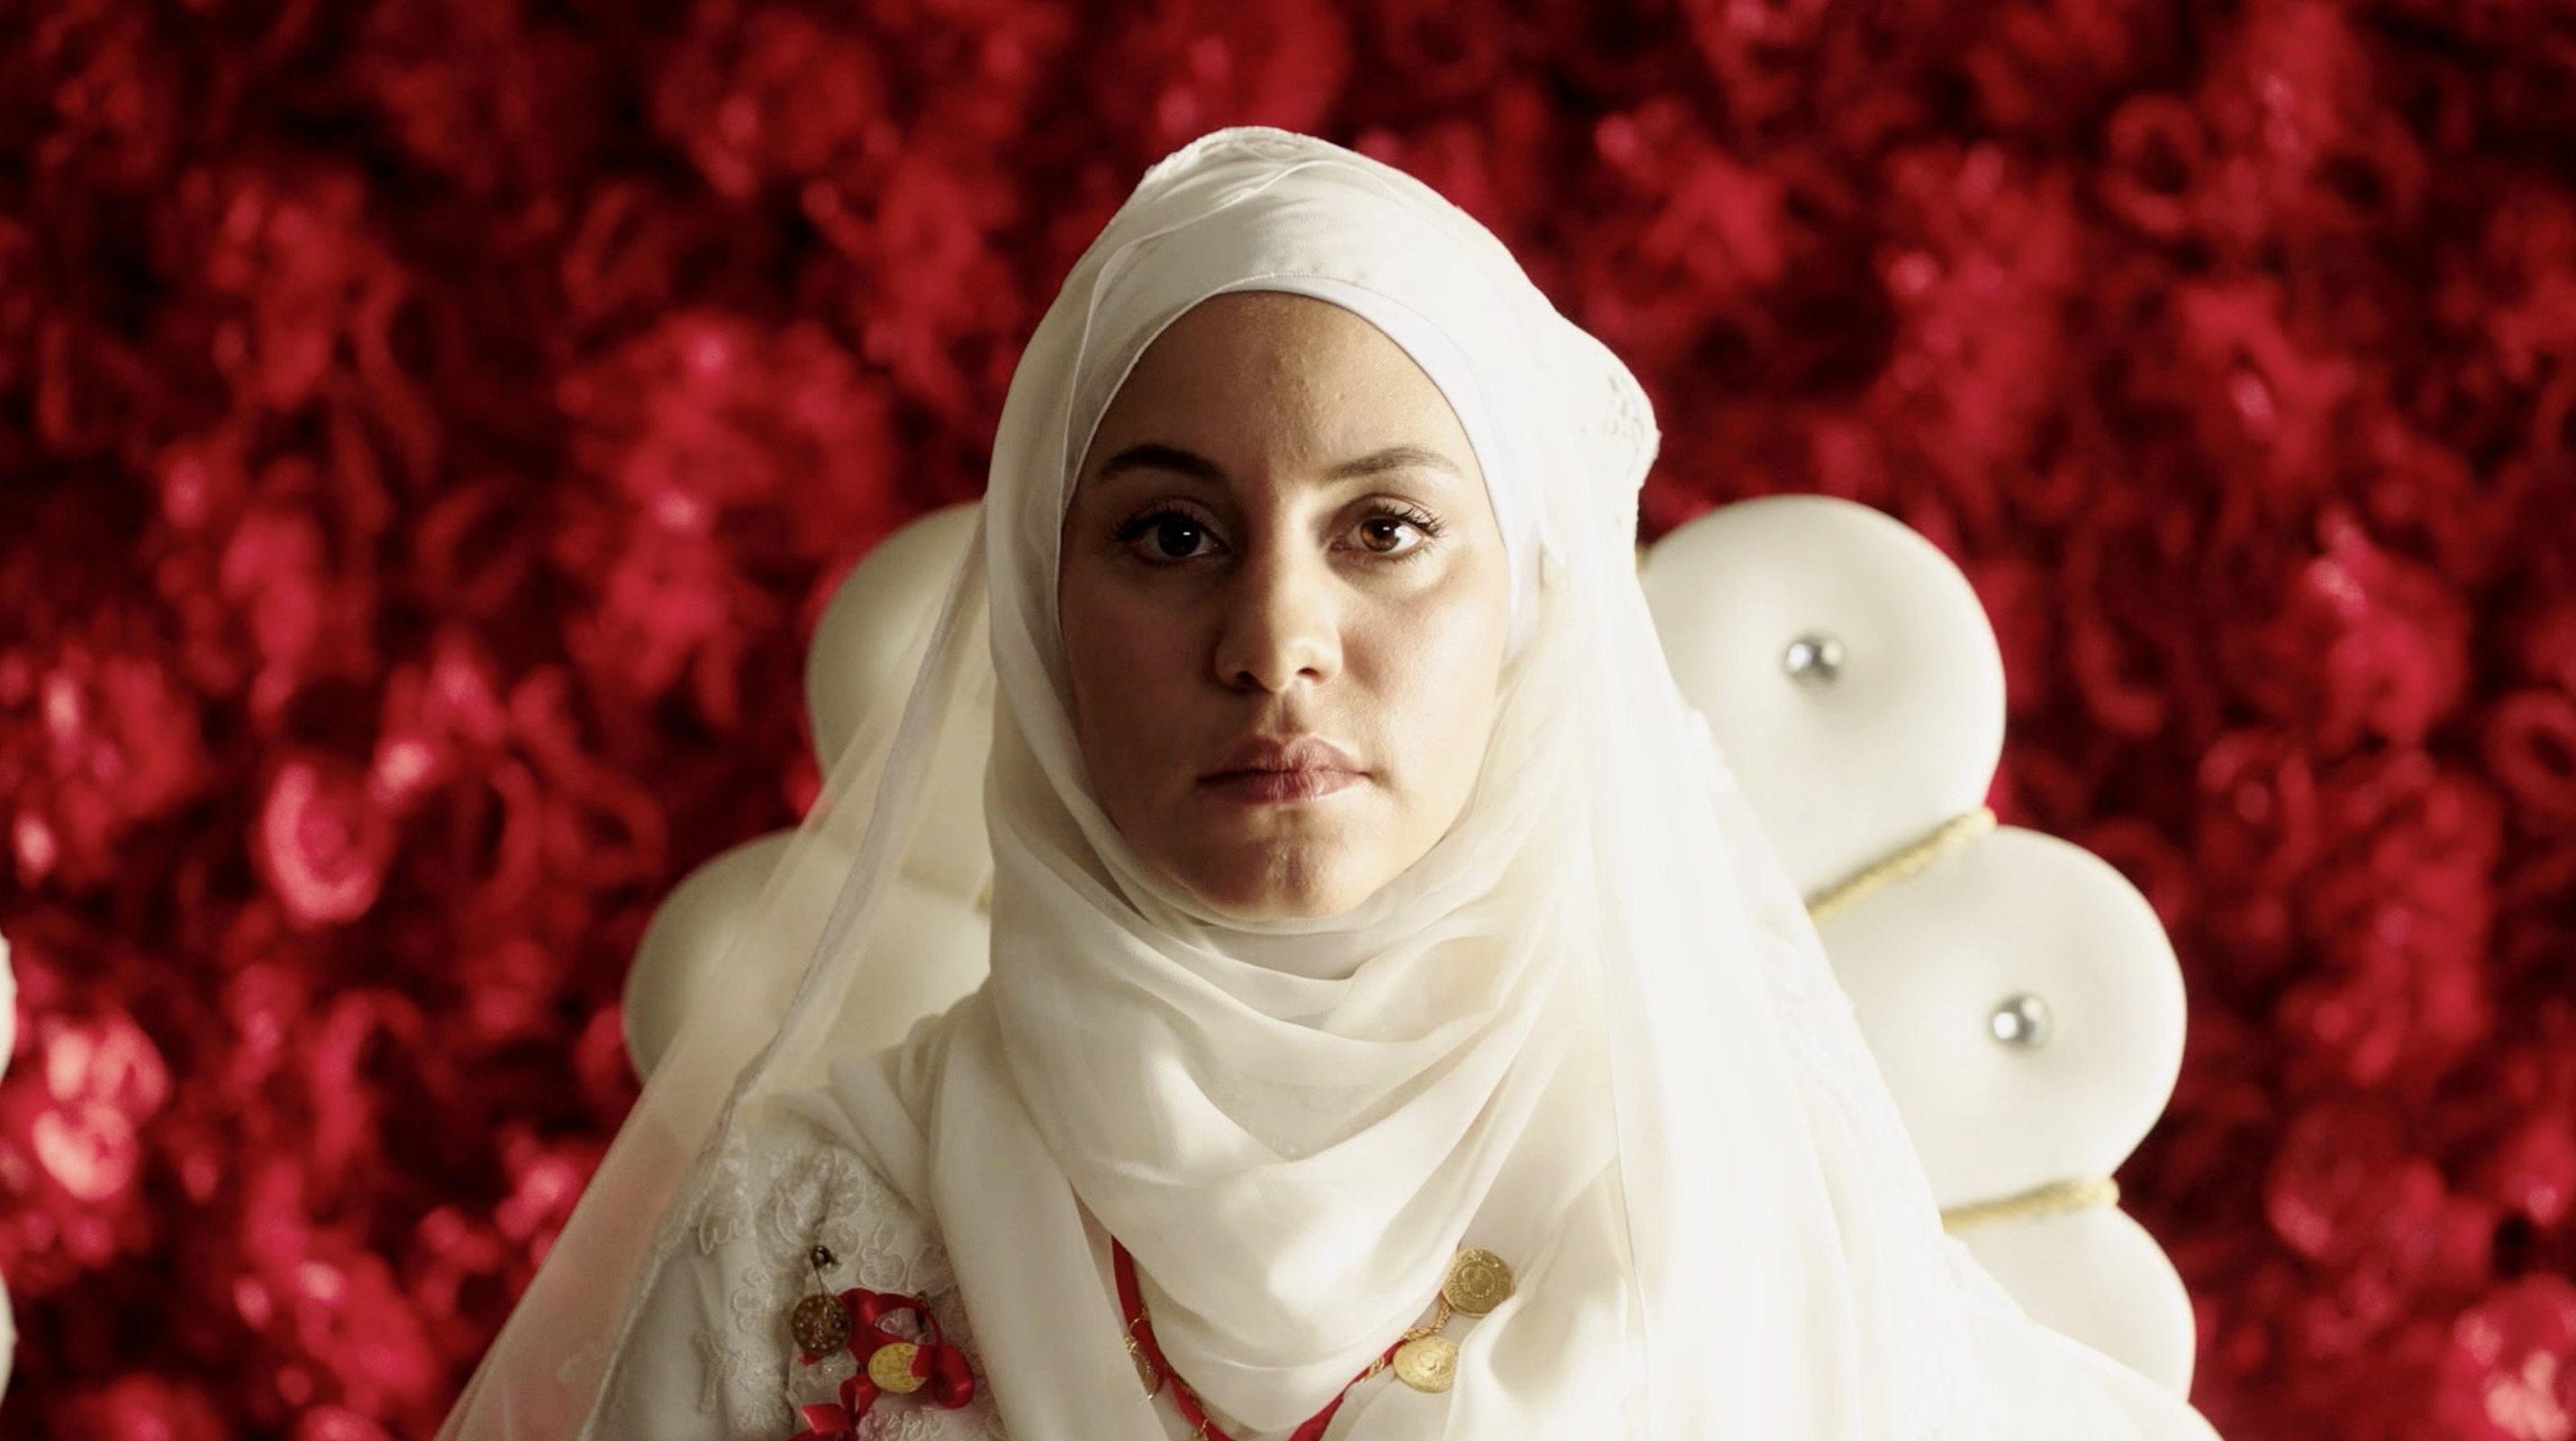 Nur eine Frau - A Regular Women - Aynur als Braut - Regie Sherry Hormann - Kamera Judith Kaufmann